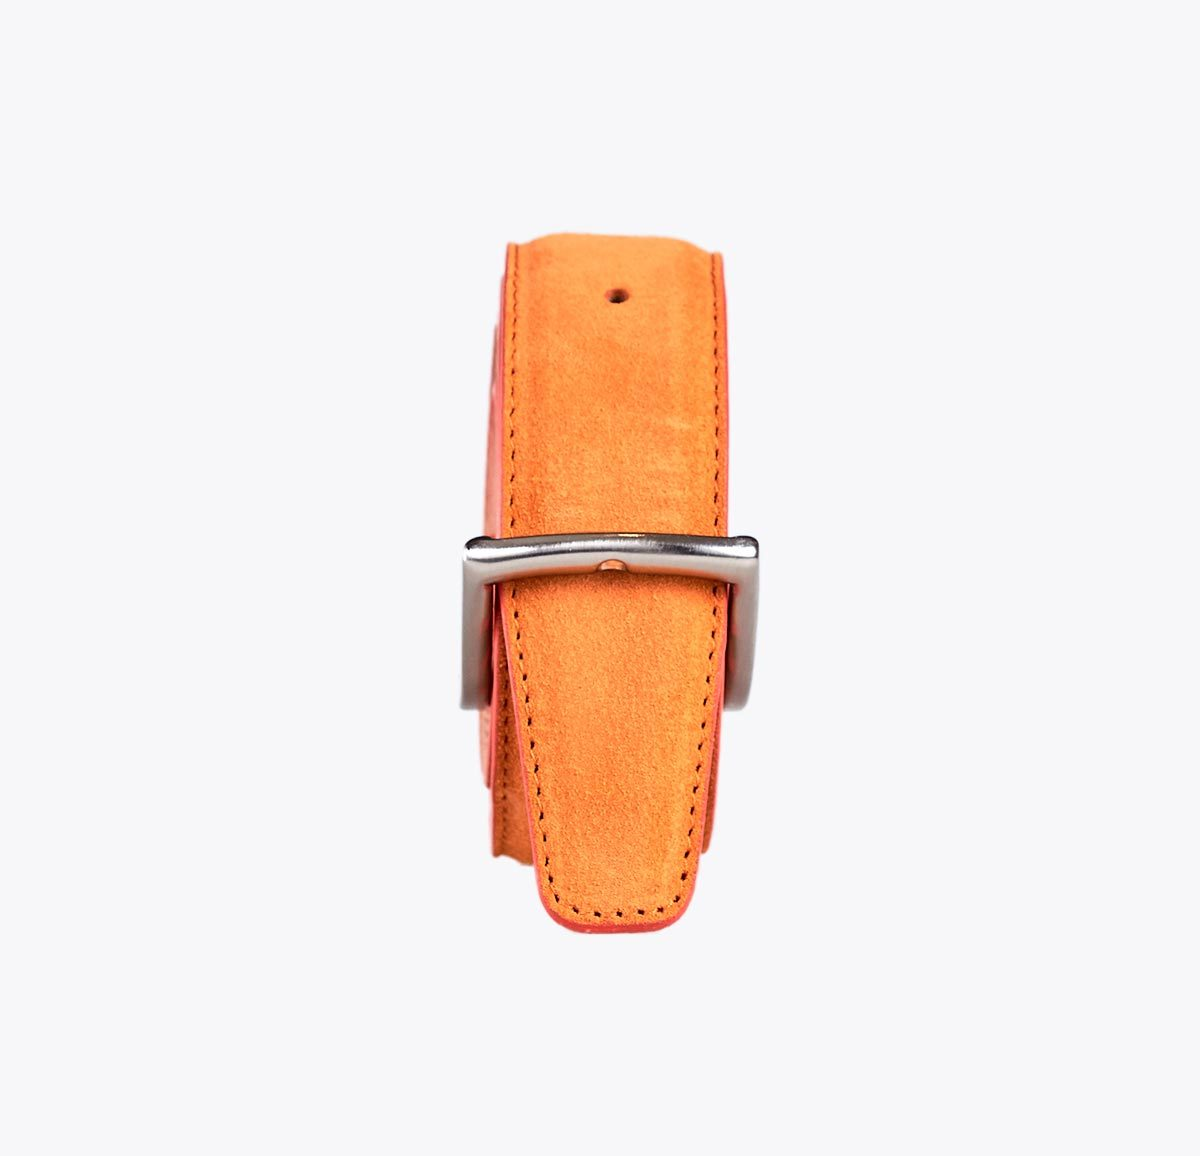 Cinturón ante mandarina Accesorios y complementos en mandalashoes. Accessories in mandalashoes. Zubehör in Mandalas.